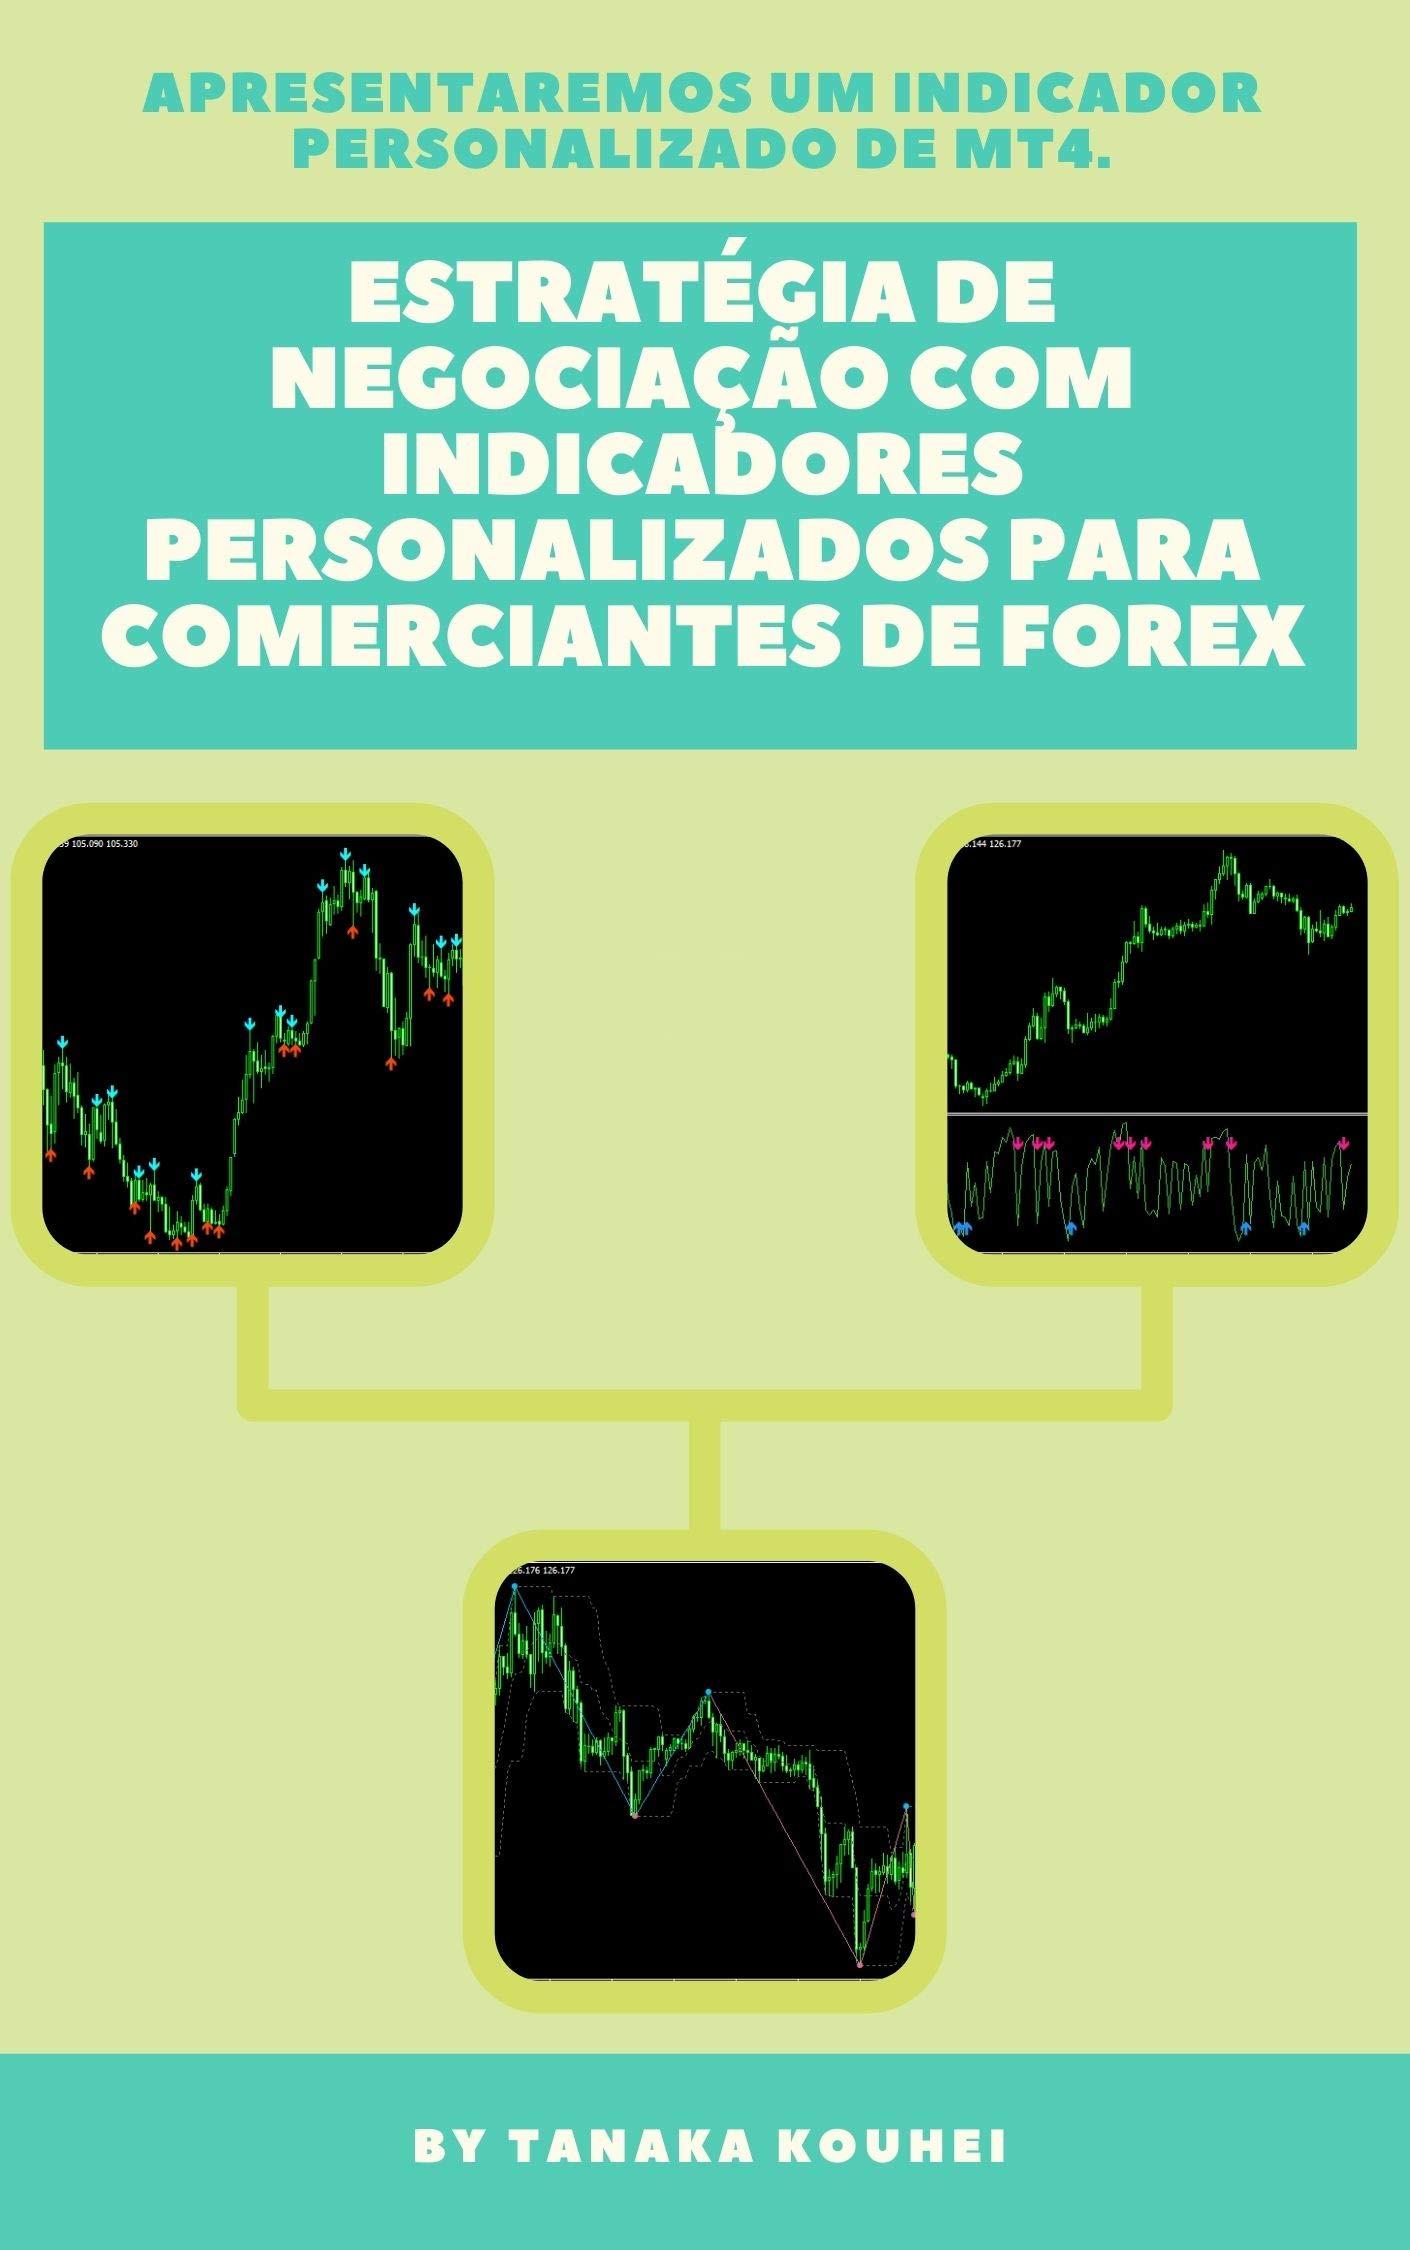 Estratégia de negociação com indicadores personalizados para comerciantes de Forex: Obtenha um indicador personalizado para MT4. (Portuguese Edition)